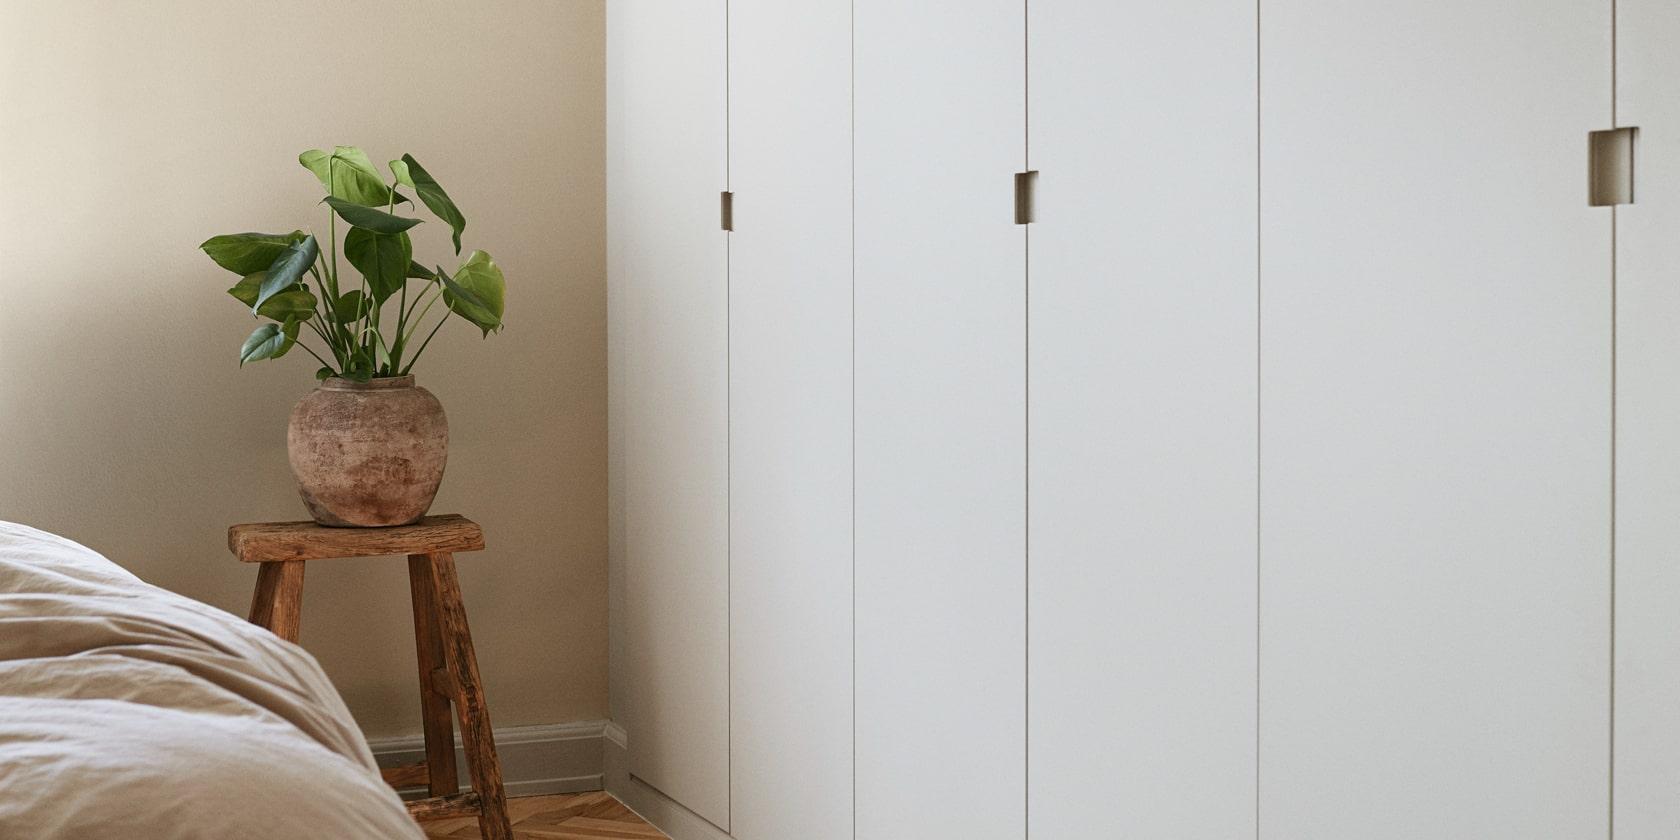 Arki-Studio-Garderobe-Ikea-Hack